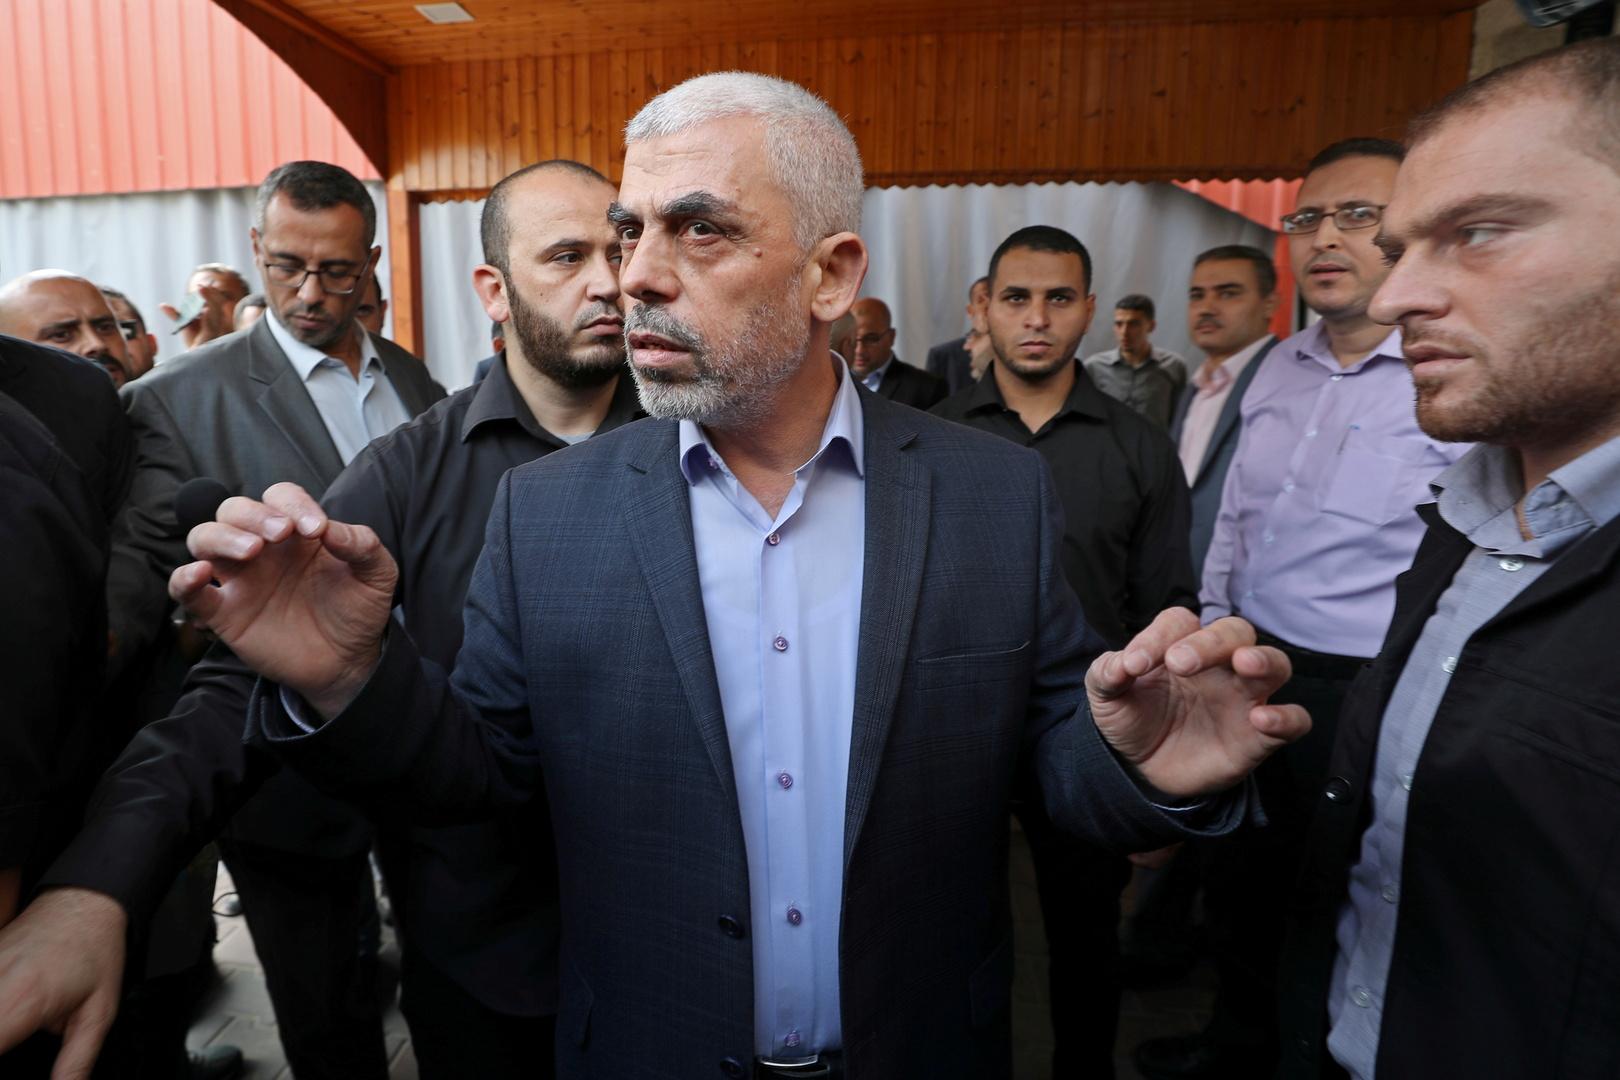 السنوار: حماس كانت مستعدة لوقف النار فورا ولو امتلكنا صواريخ دقيقة لوجهناها للمواقع العسكرية حصرا